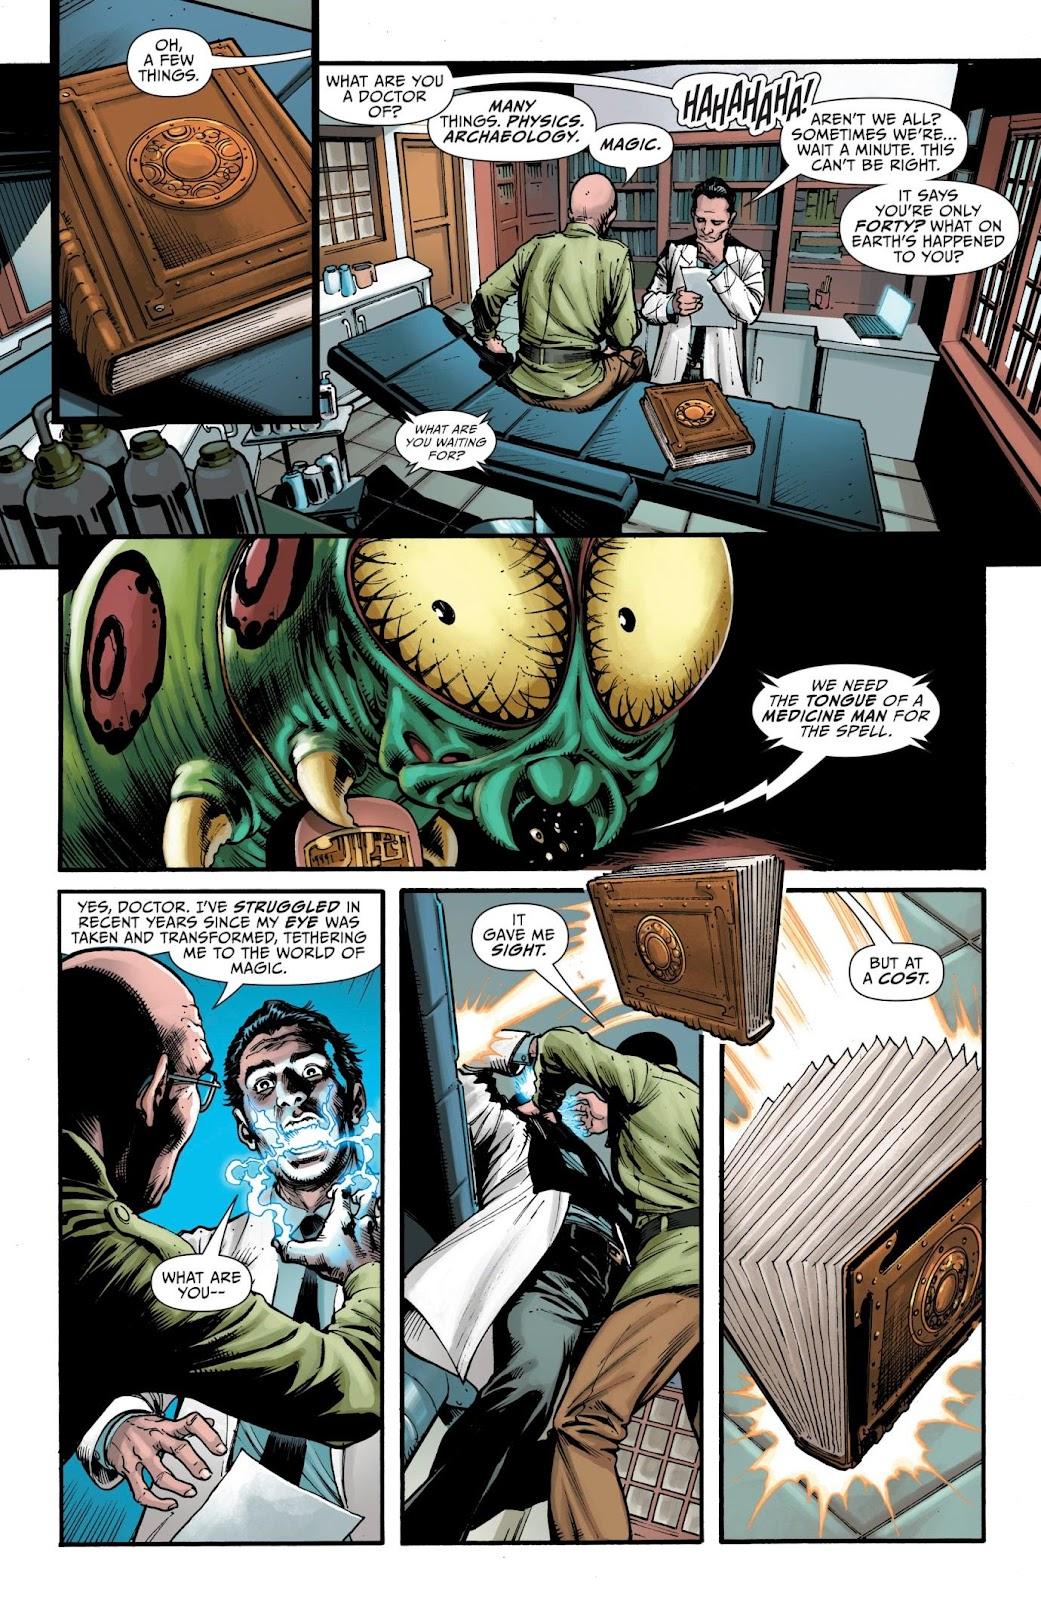 D:\Comics66\Shazam\shazam02\Shazam02pic\Shazam! (2018-) 002-016.jpg